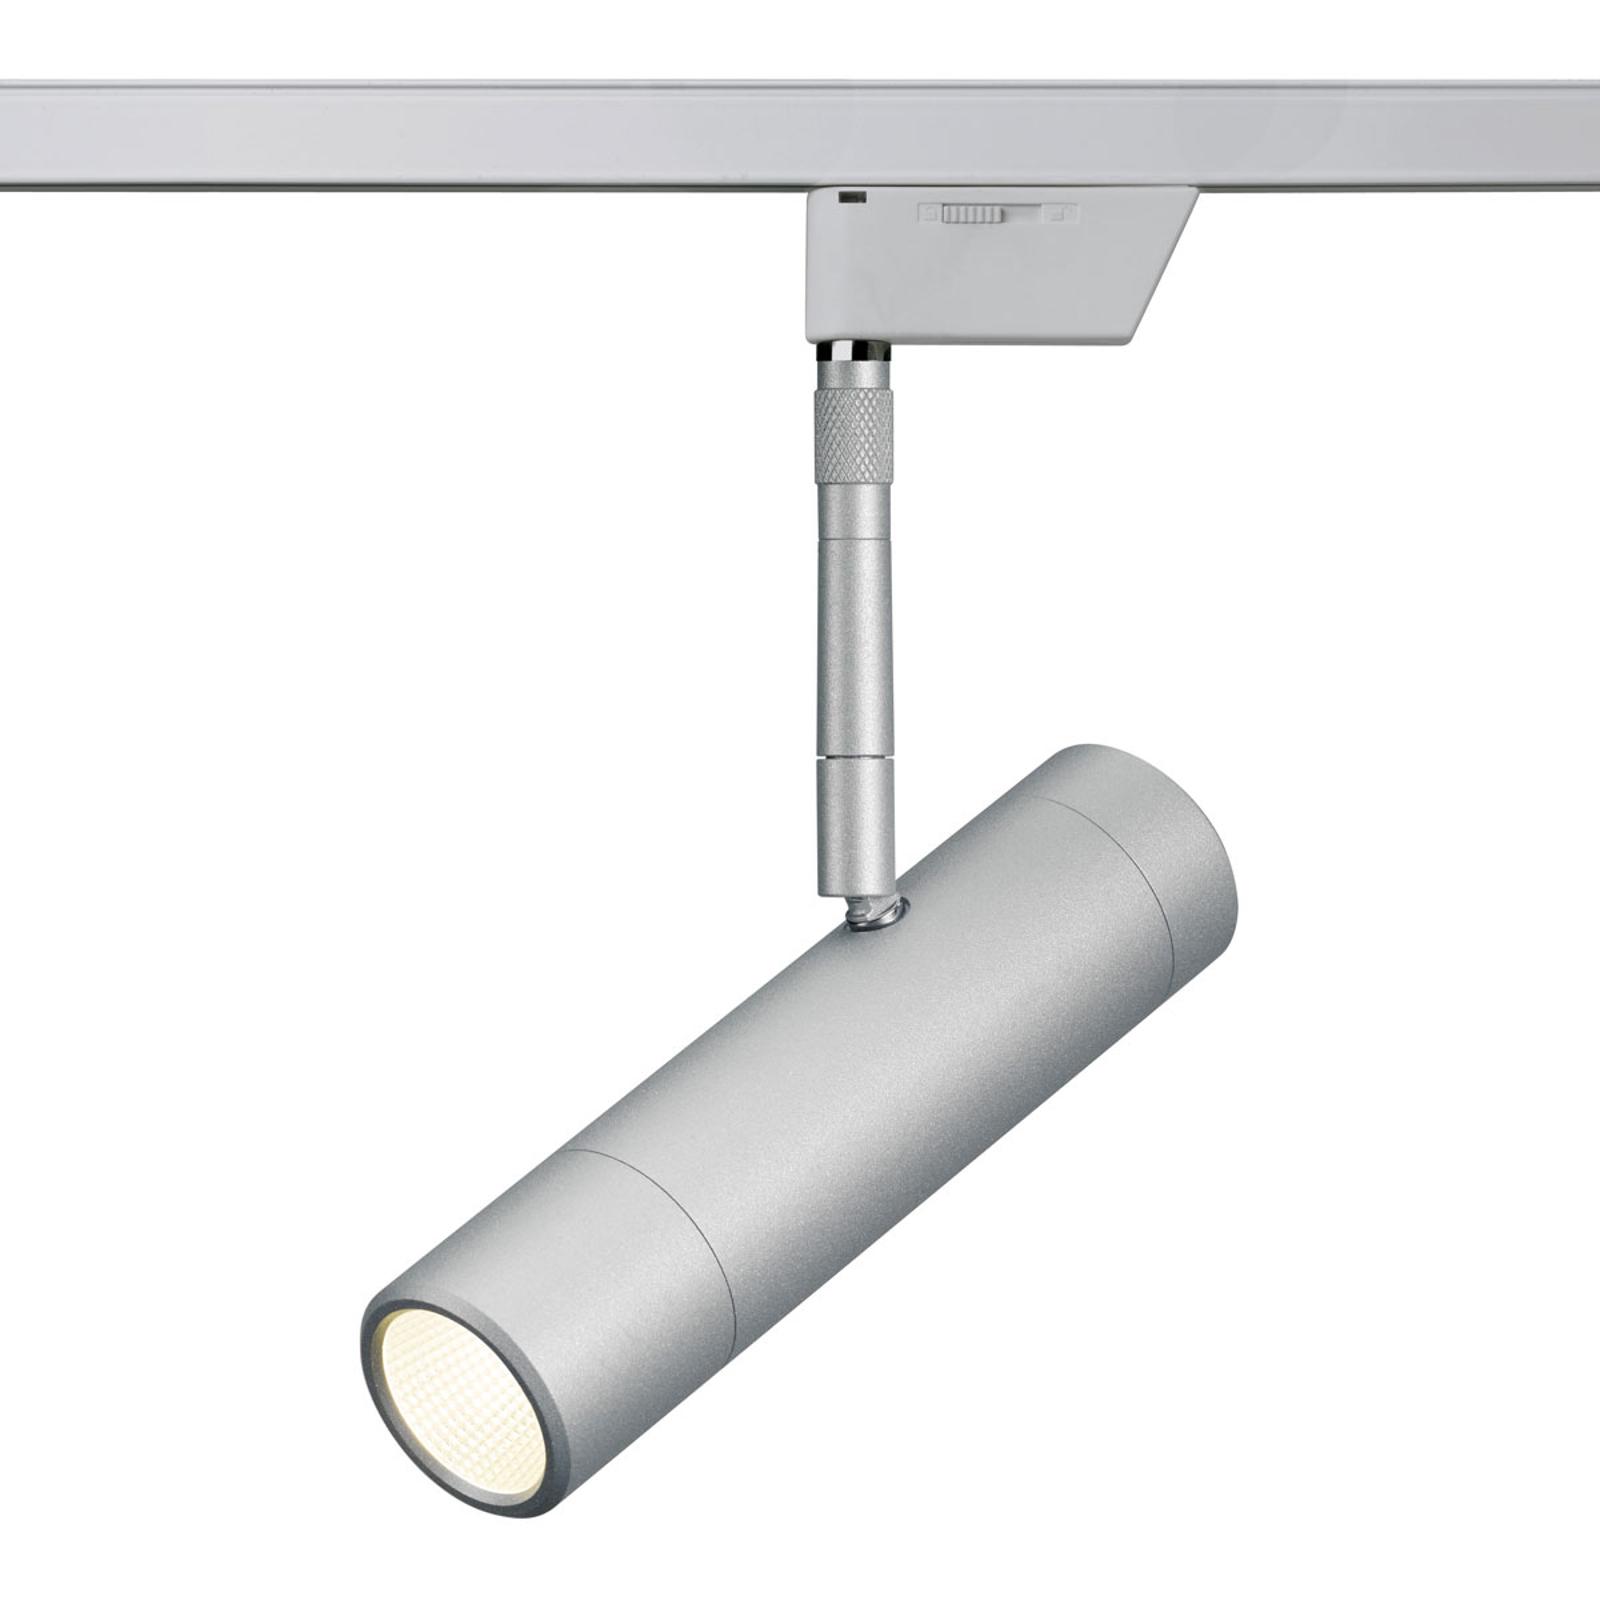 Oligo Sentry spot szynowy LED chrom matowy 2700K